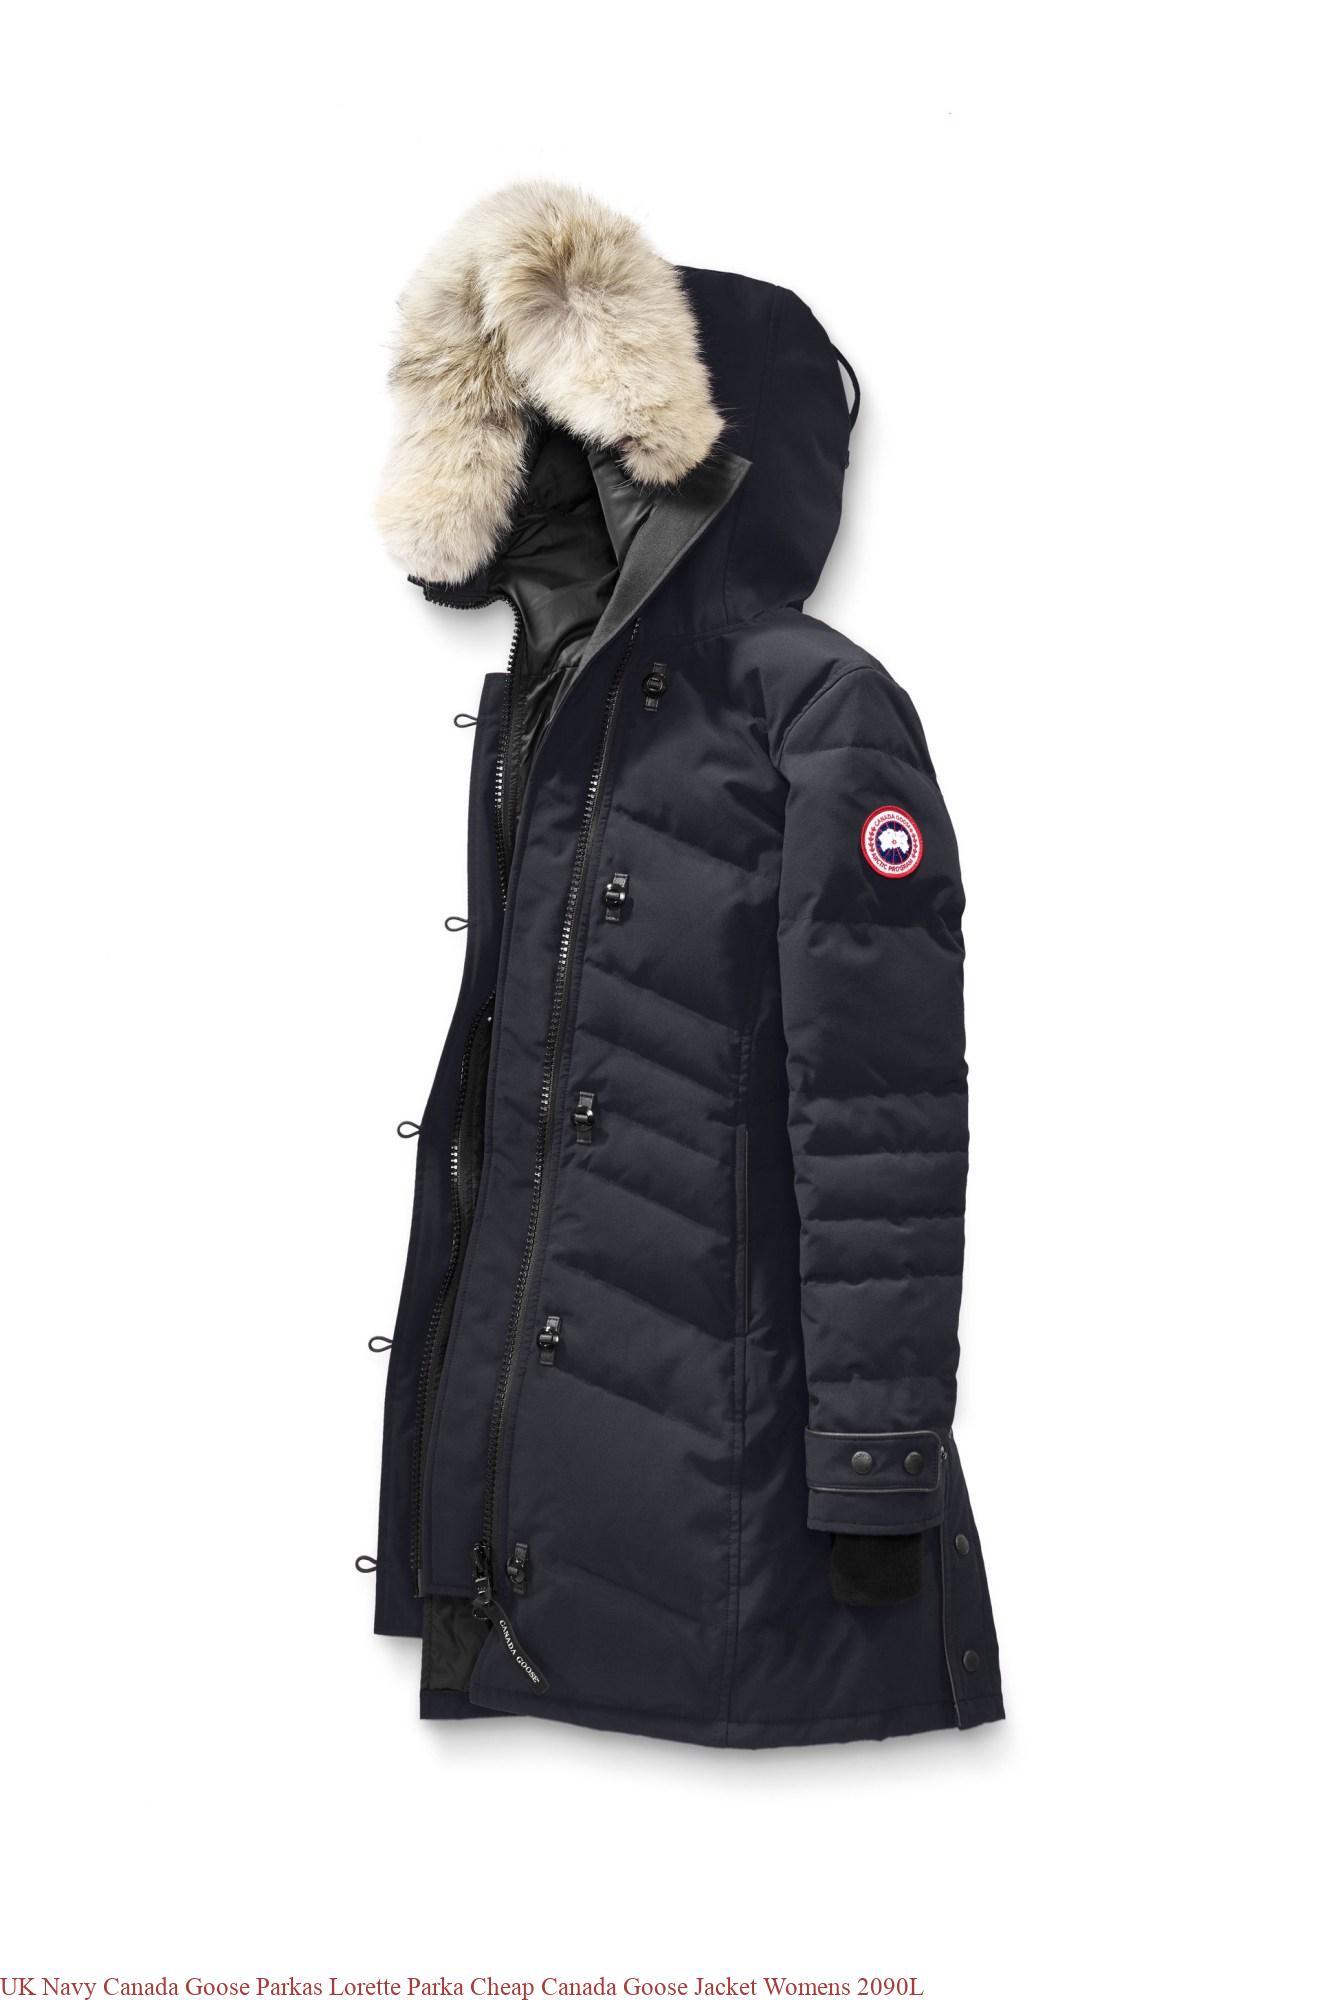 UK Navy Canada Goose Parkas Lorette Parka Cheap Canada Goose Jacket Womens 2090L